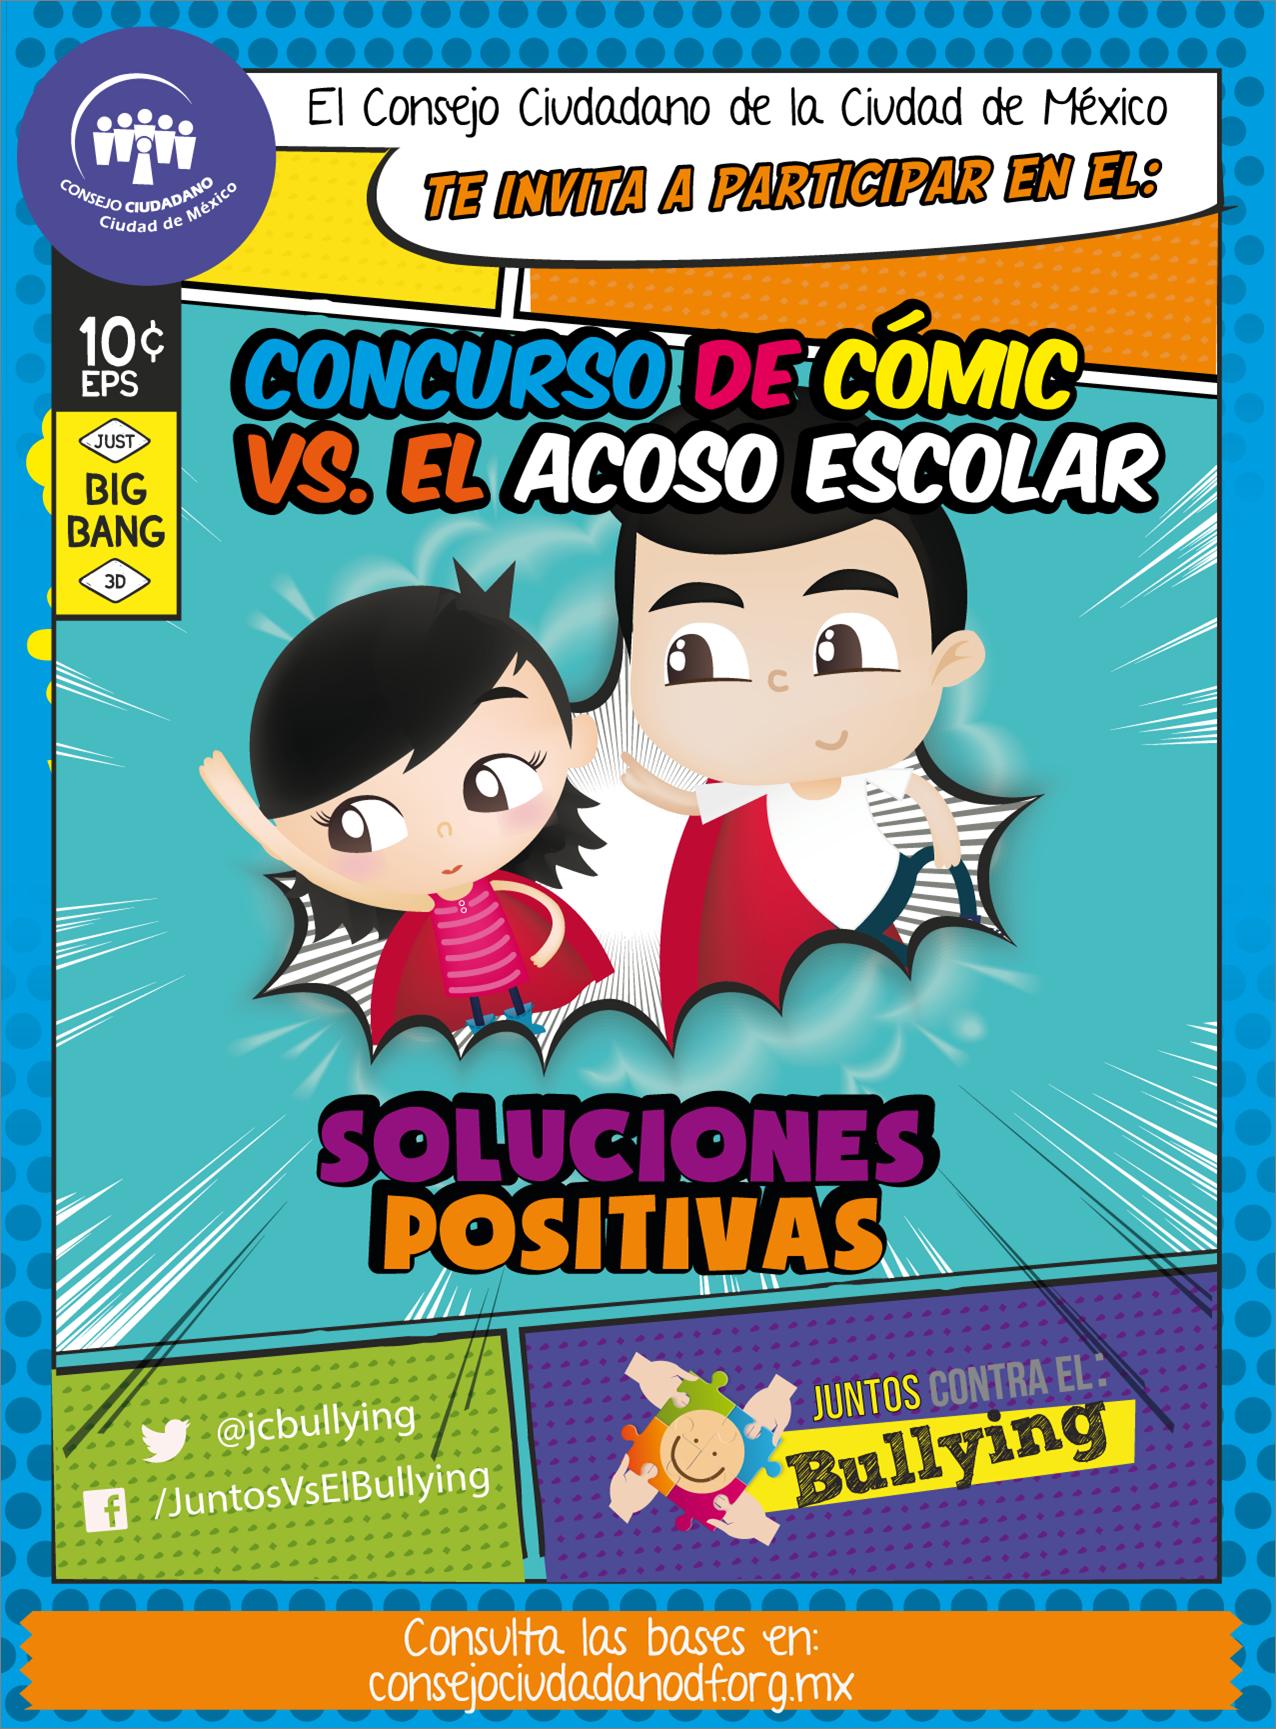 #Concurso: Conoce las bases de la convocatoria y participa en el 1er Concurso de Cómic Vs. el Acoso Escolar #ConsejoCiudadanoMx